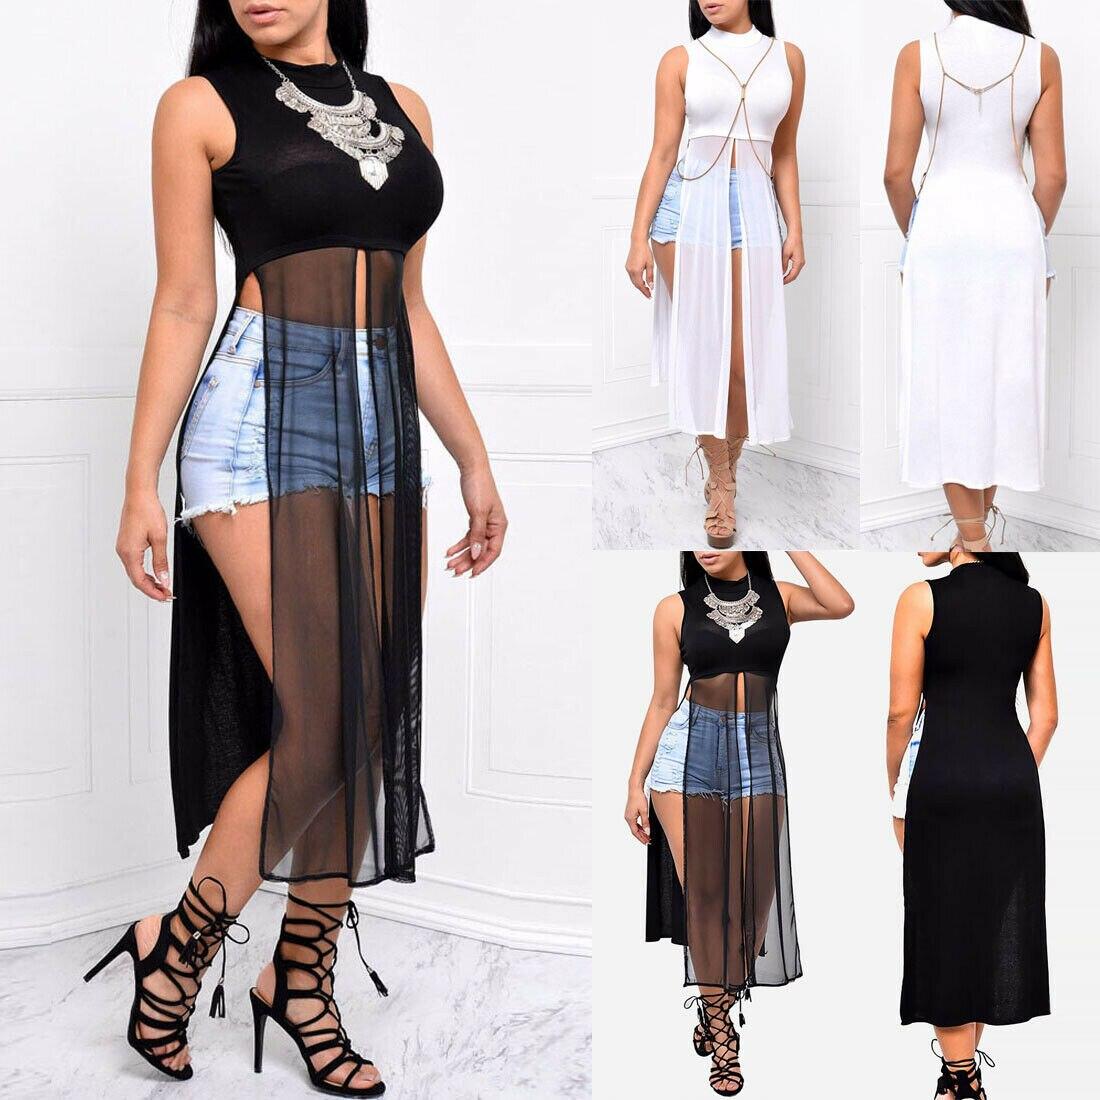 Sexy Women's Sleeveless High Neck Patchwork Side High Split Shirt Top Long Top Maxi Dress